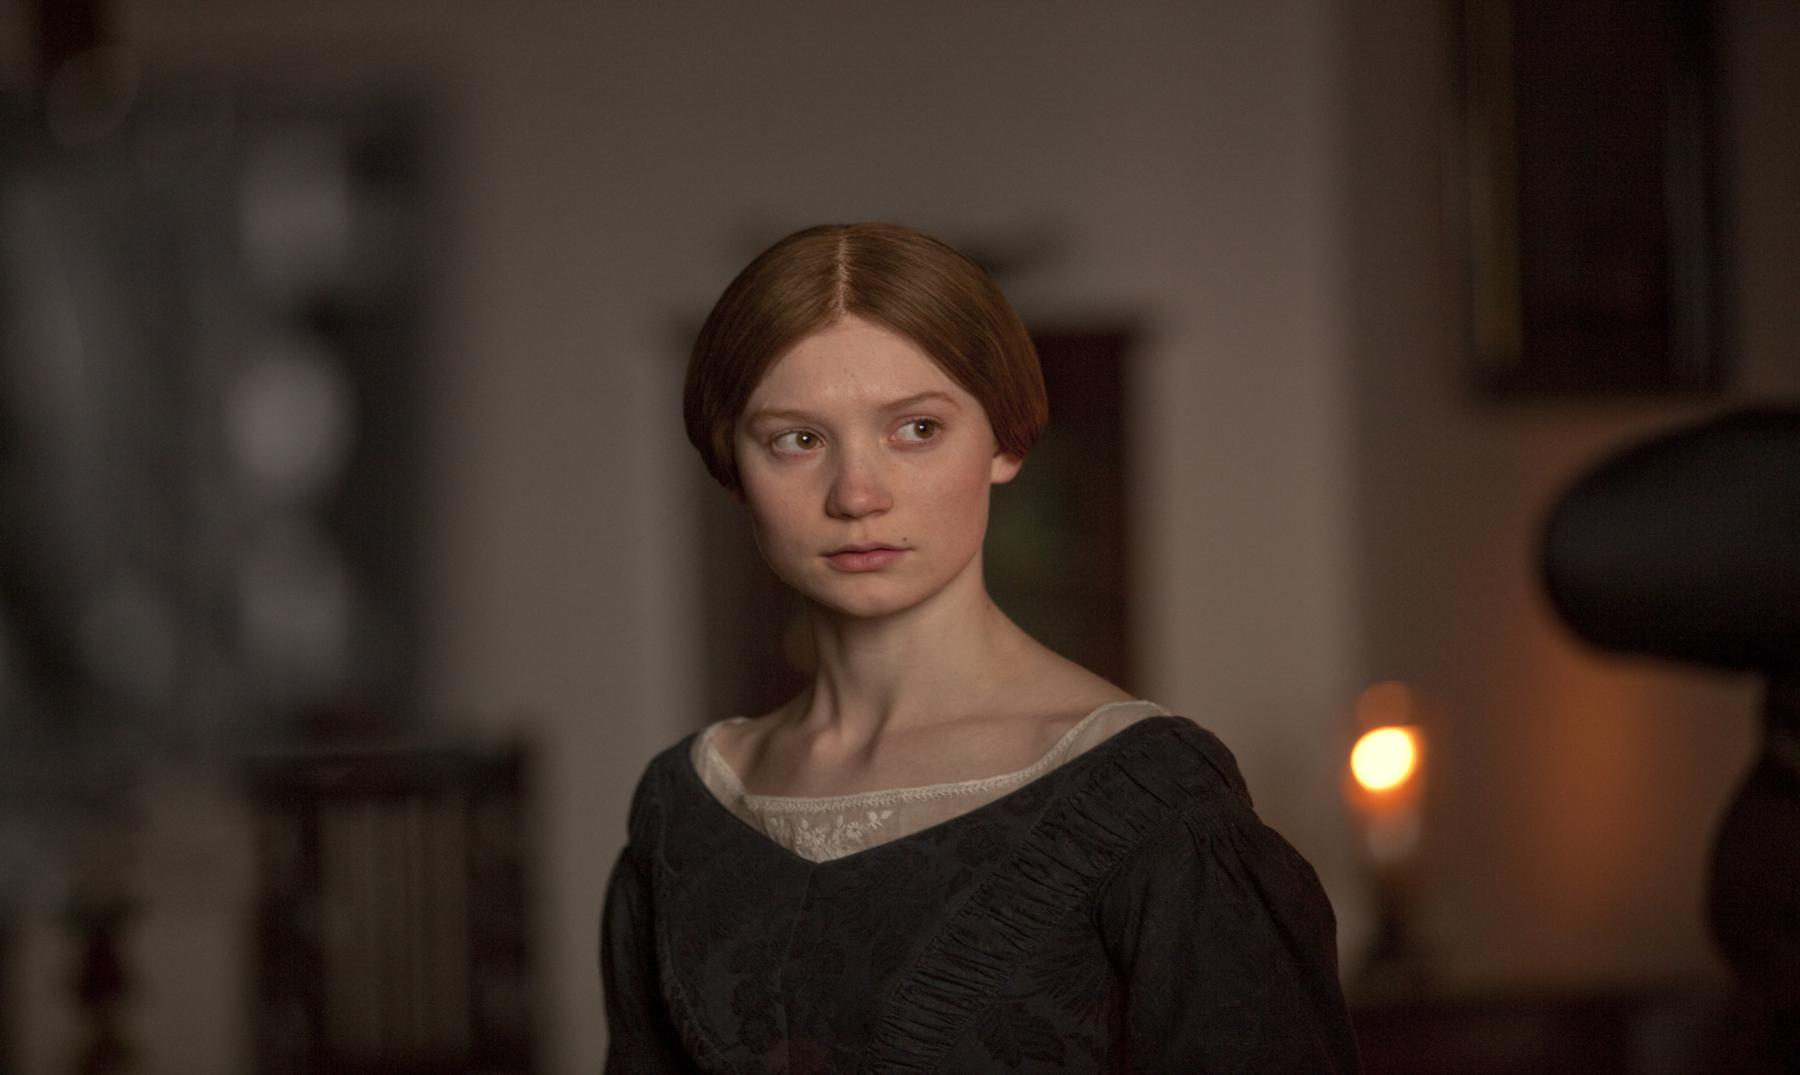 Las hermanas Brontë, una historia de tragedia